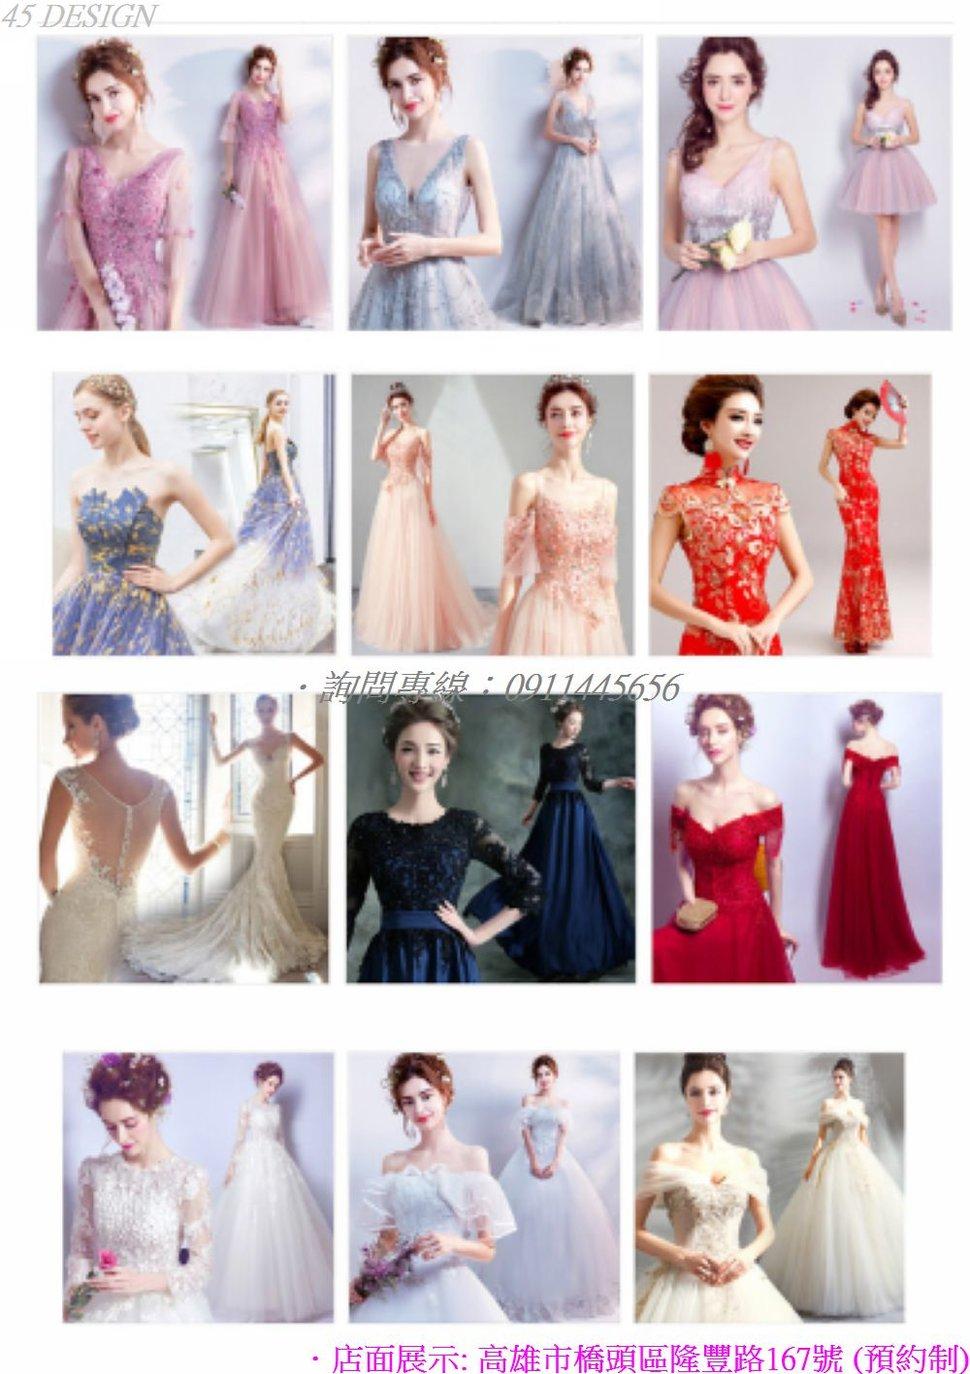 msl1908159CF02F77F15543D5A68917937BE770A6 - 全台最便宜-45DESIGN四五婚紗禮服《結婚吧》